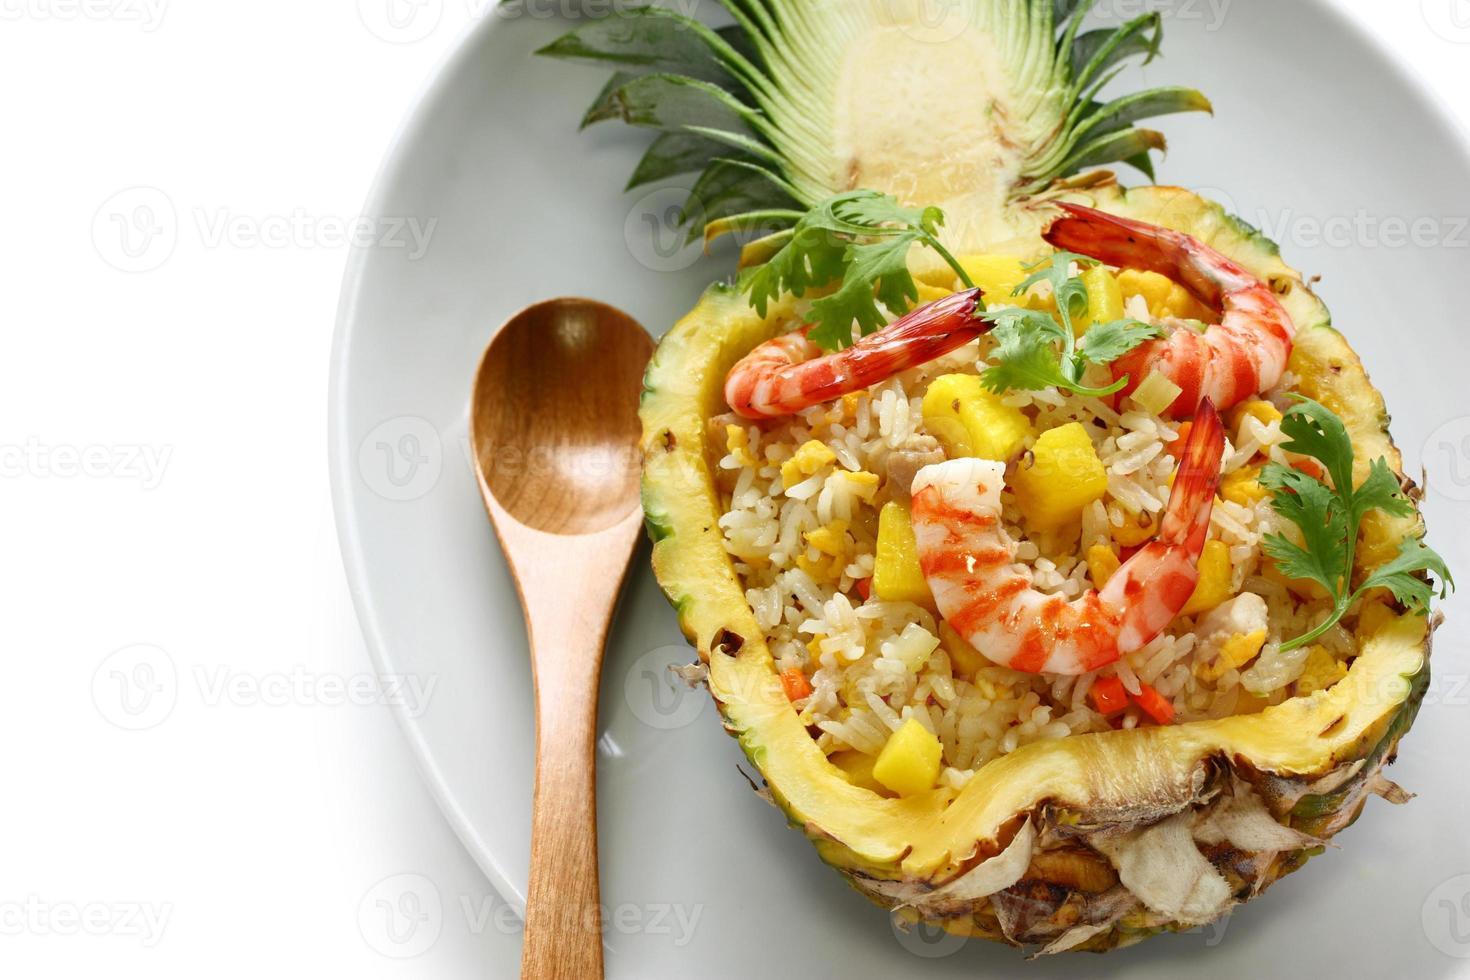 gebratener Ananasreis foto